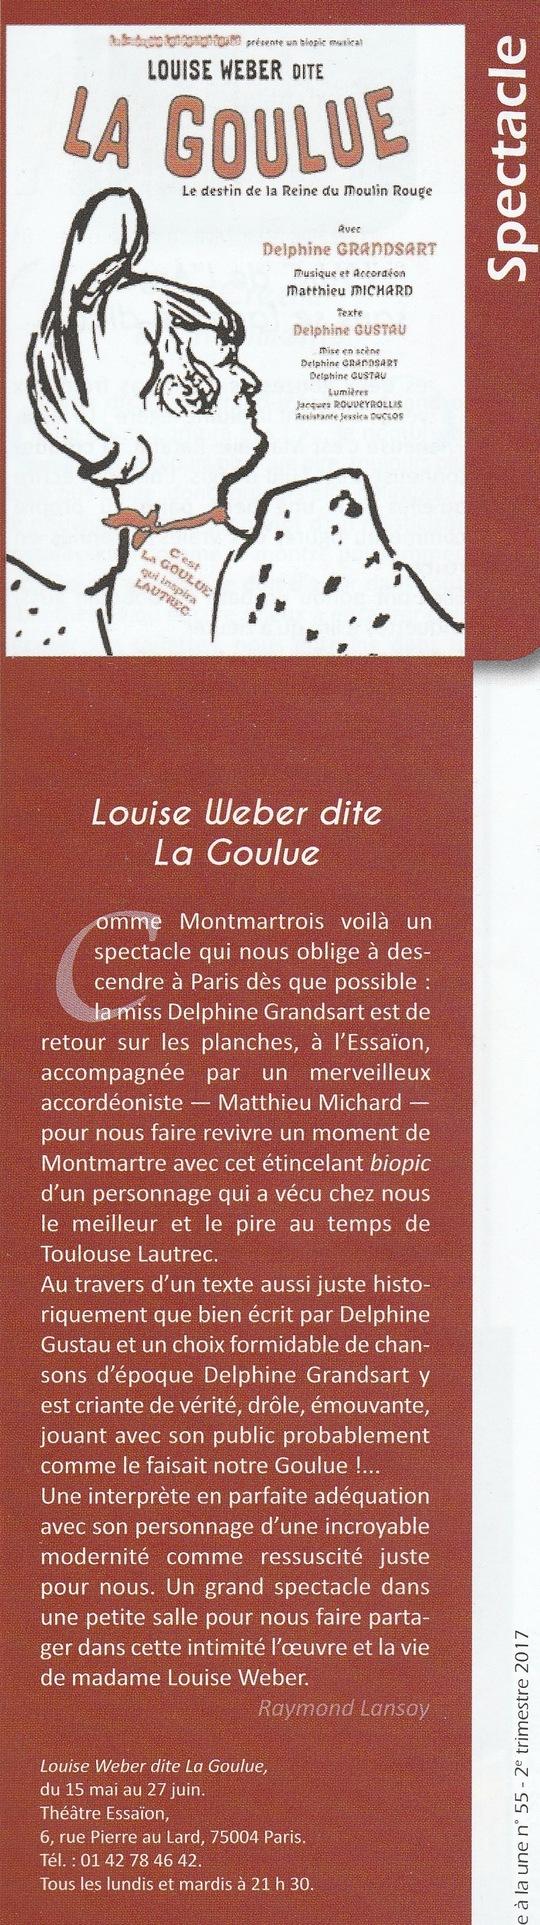 Critique_montmartre_a__la_une-1507378772